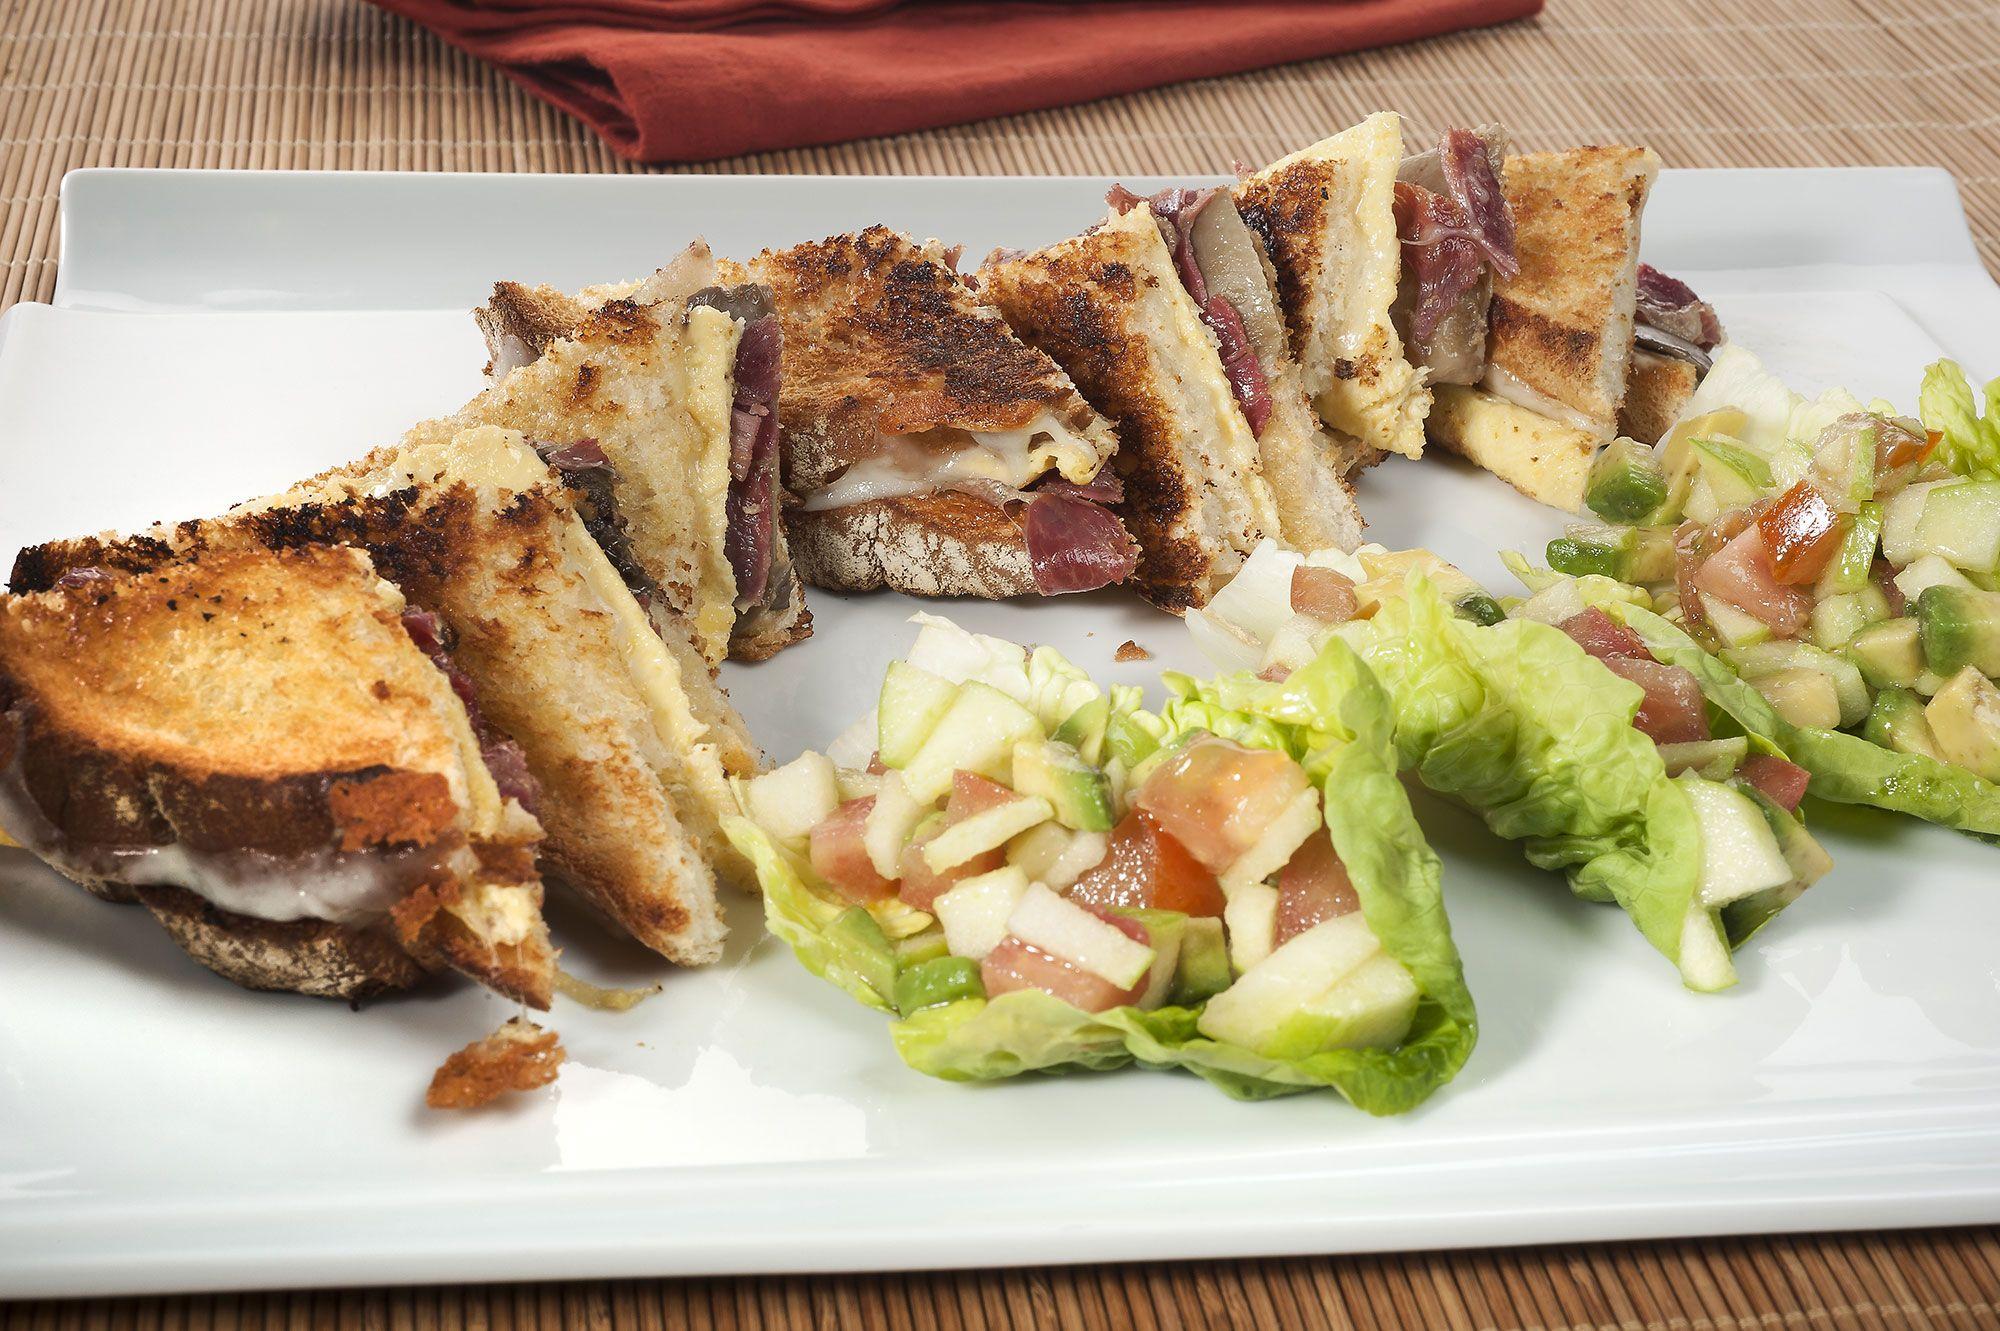 Sándwich tostado de jamón ibérico